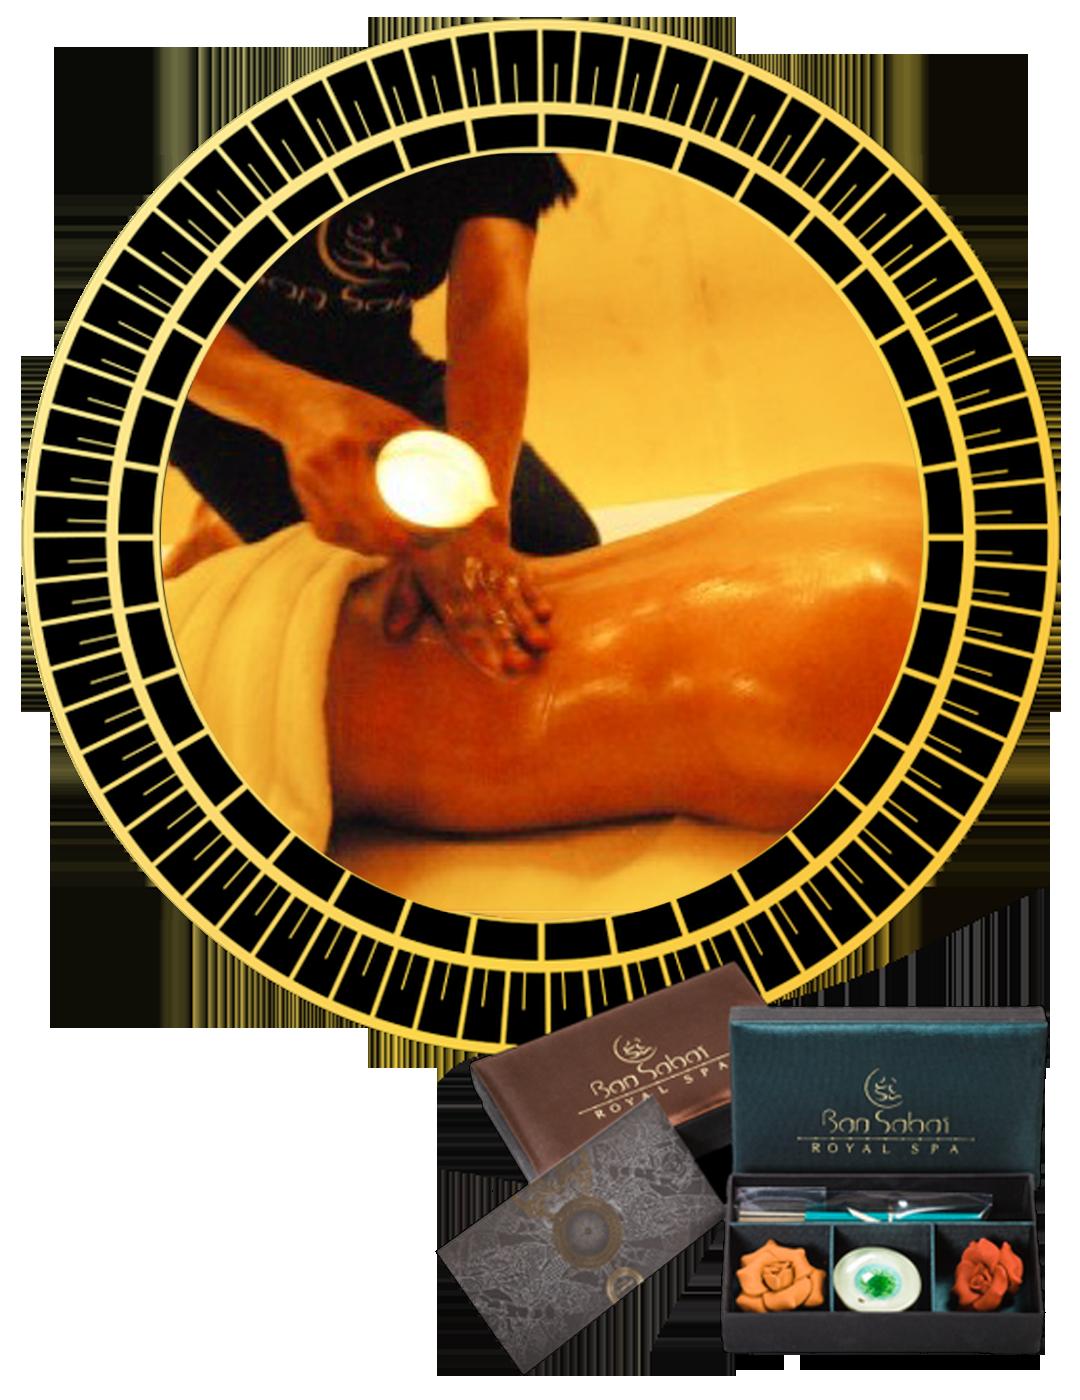 massage thailandais la bougie bansabai. Black Bedroom Furniture Sets. Home Design Ideas